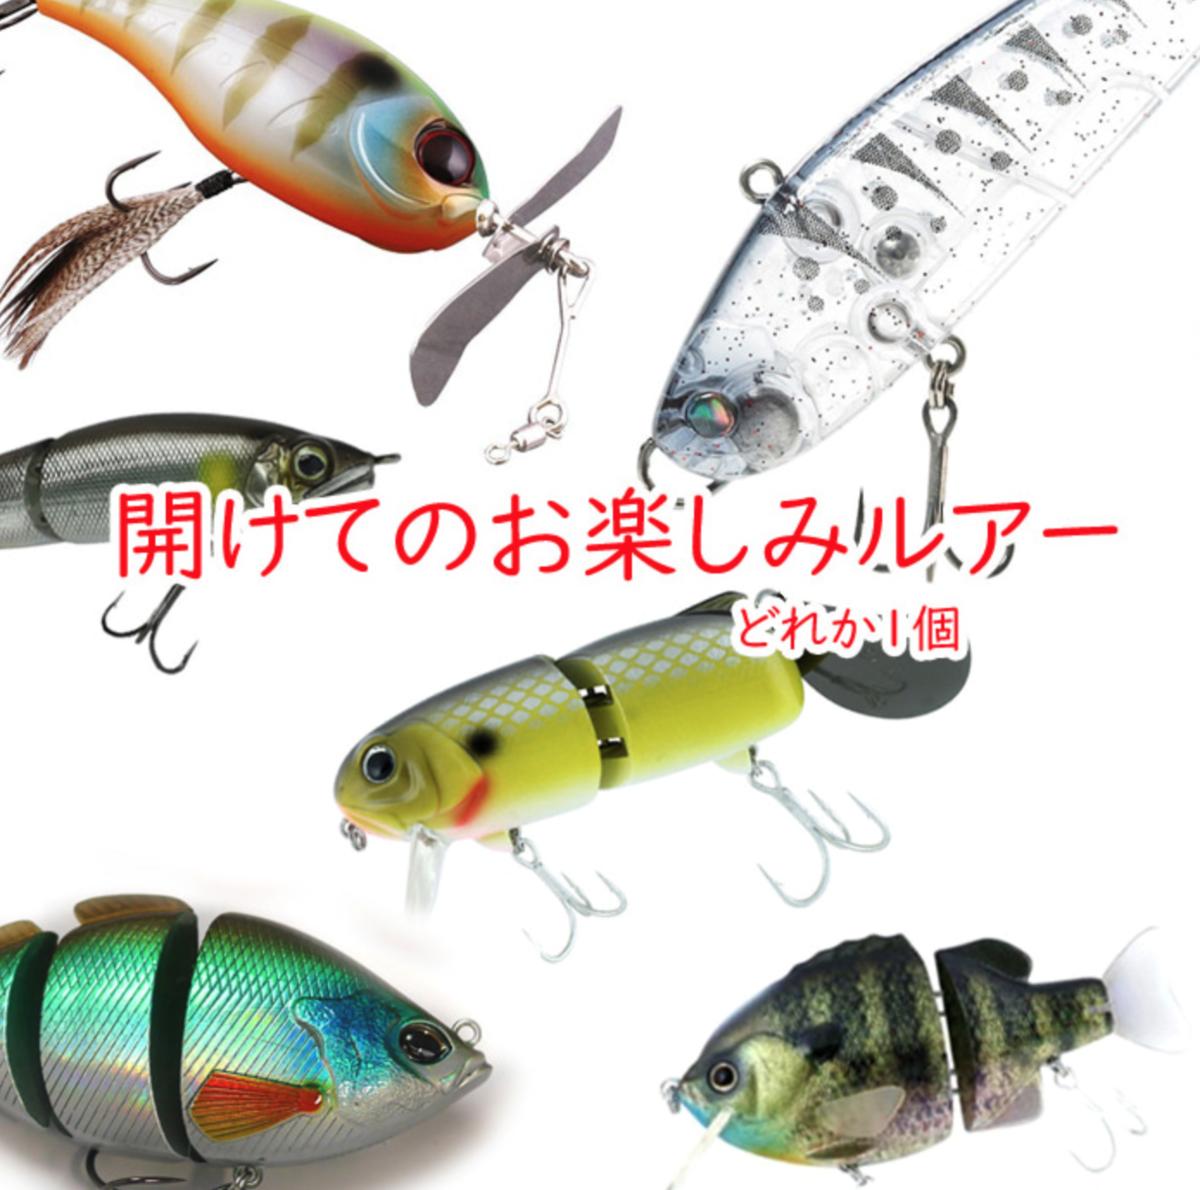 f:id:basssoku:20210101173635p:plain